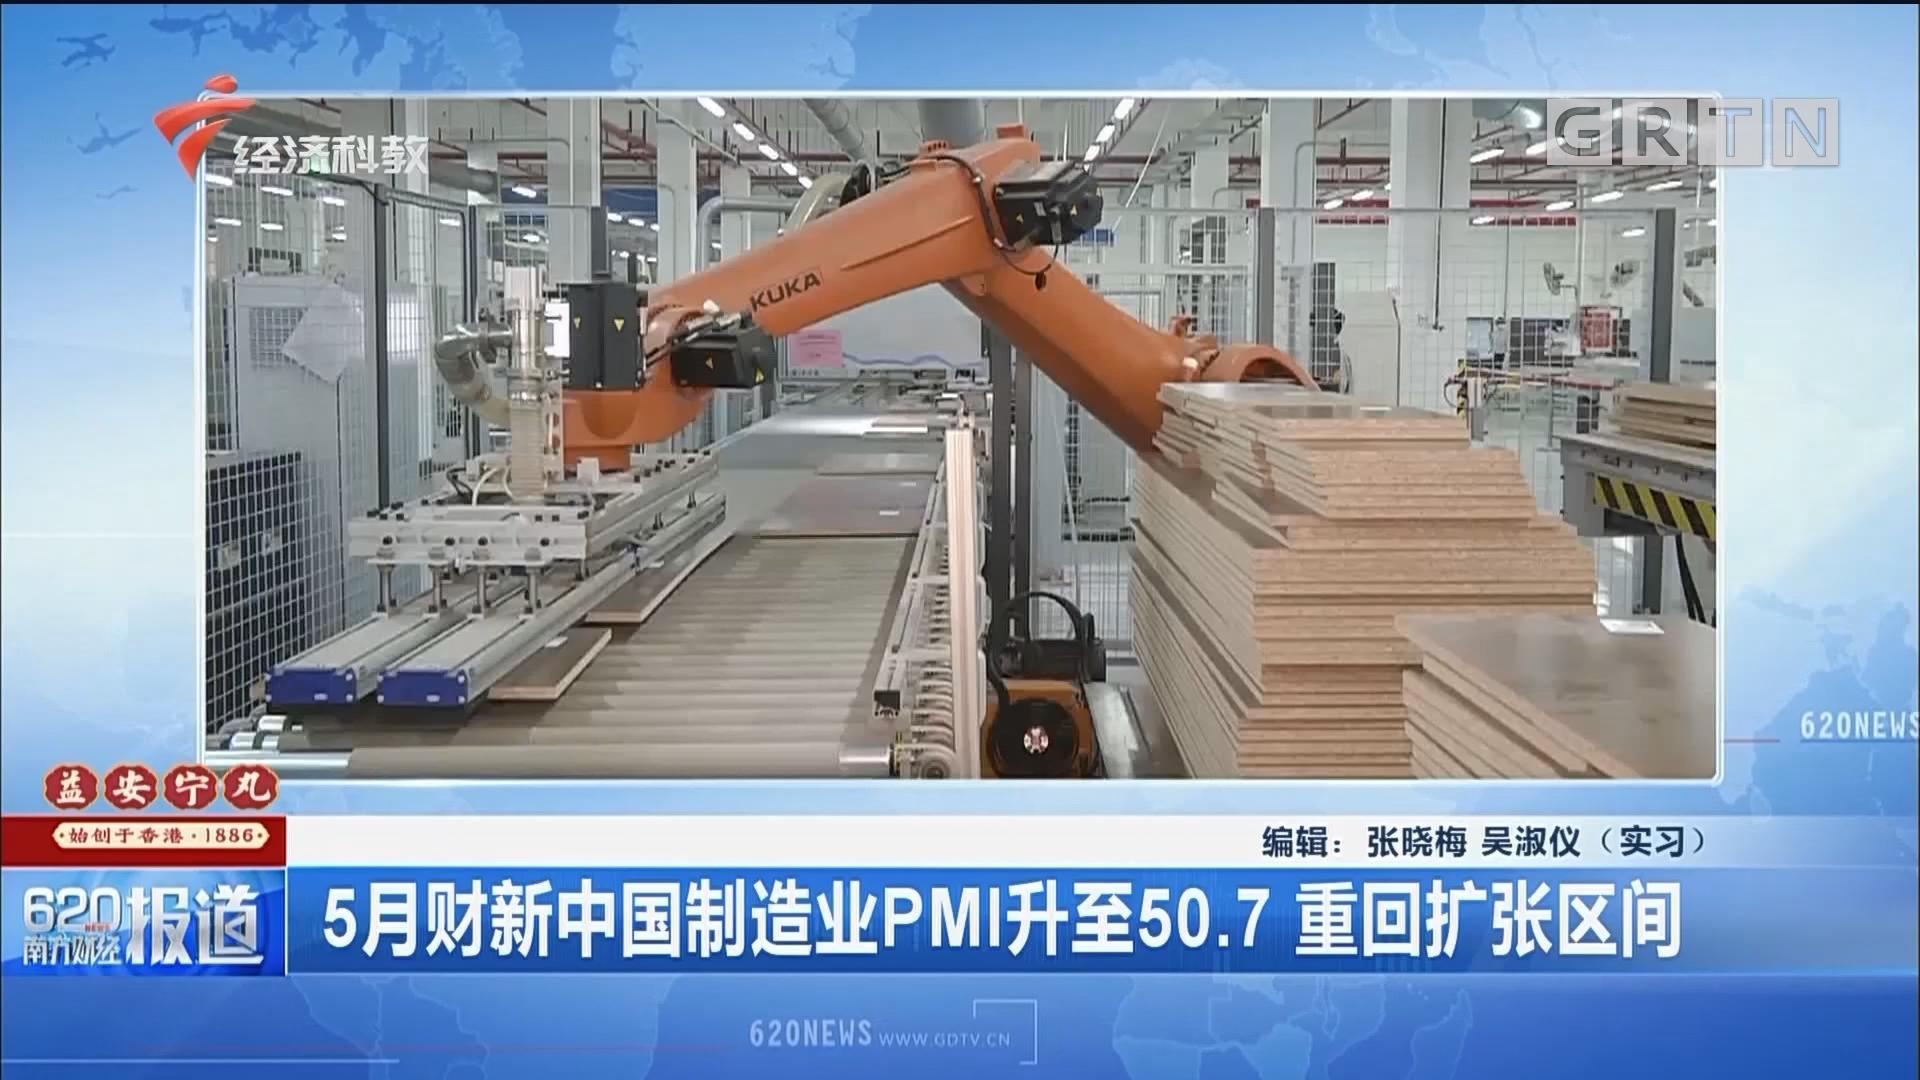 5月财新中国制造业PMI升至50.7 重回扩张区间